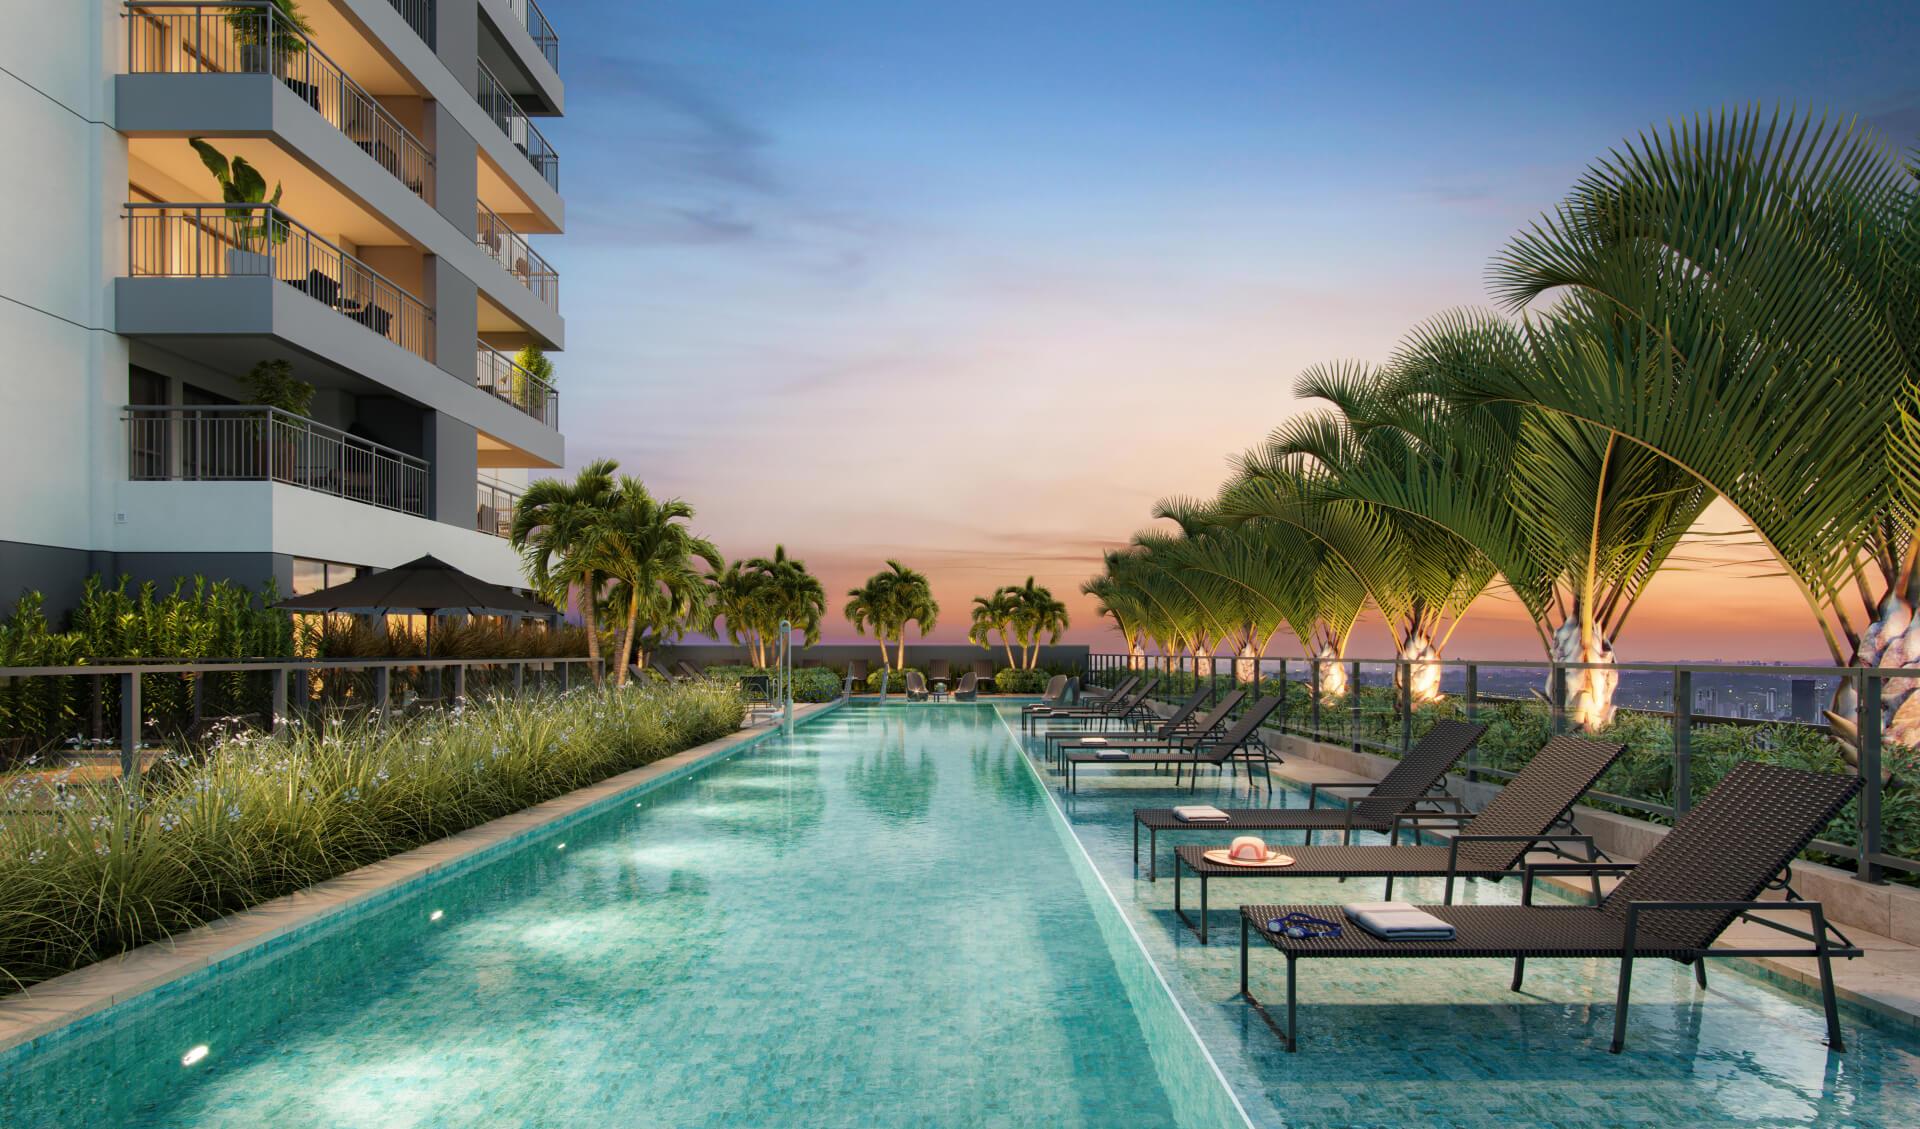 Dream View Sky Resort, foto 2